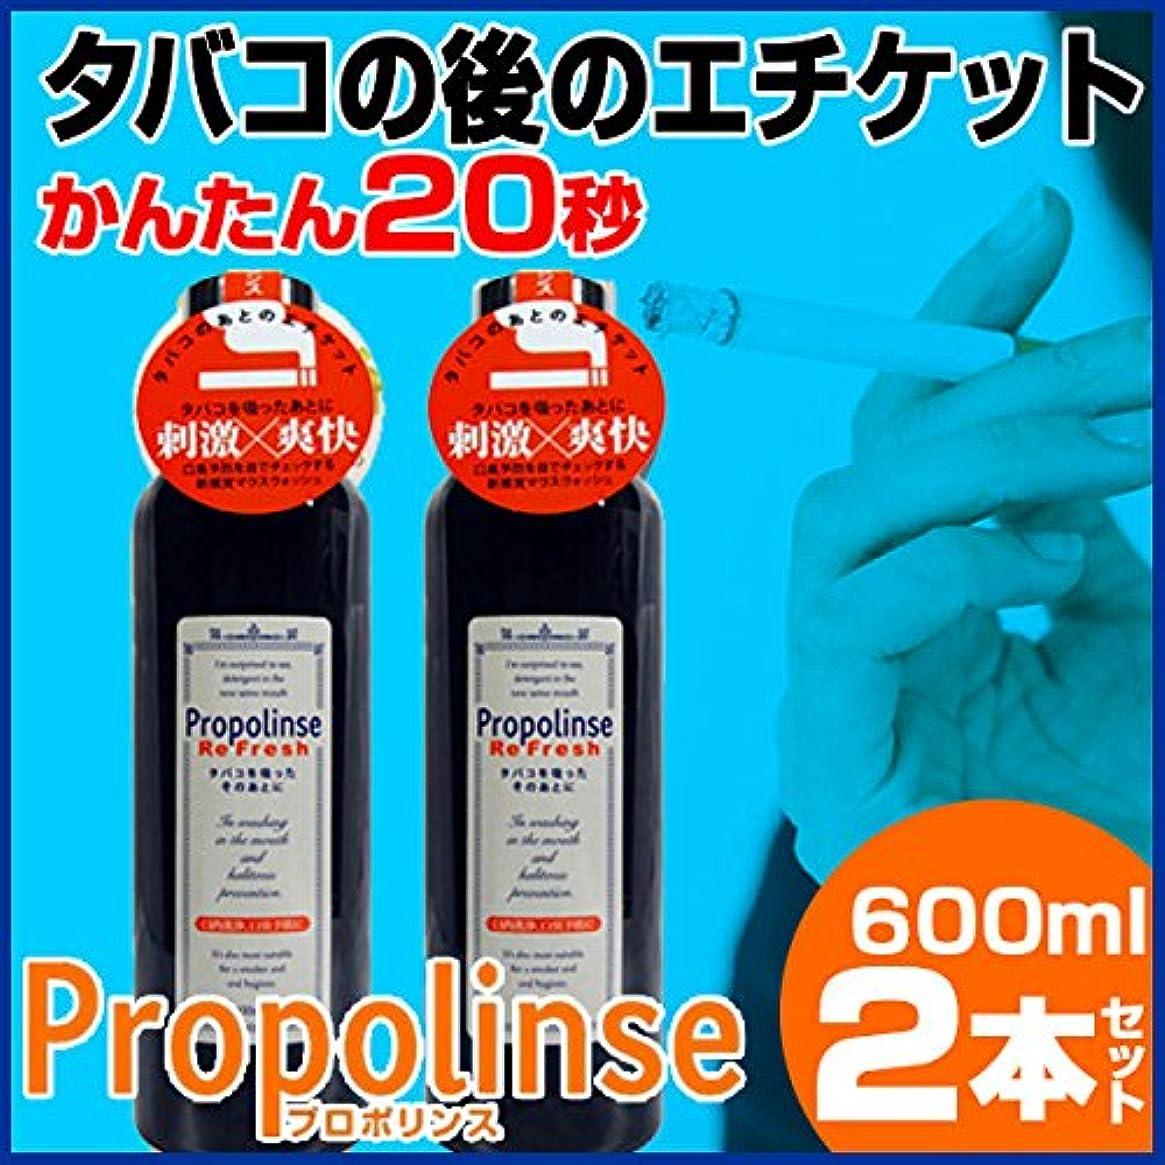 マトン歯放射するプロポリンス リフレッシュ600ml【まとめ買い2個セット】